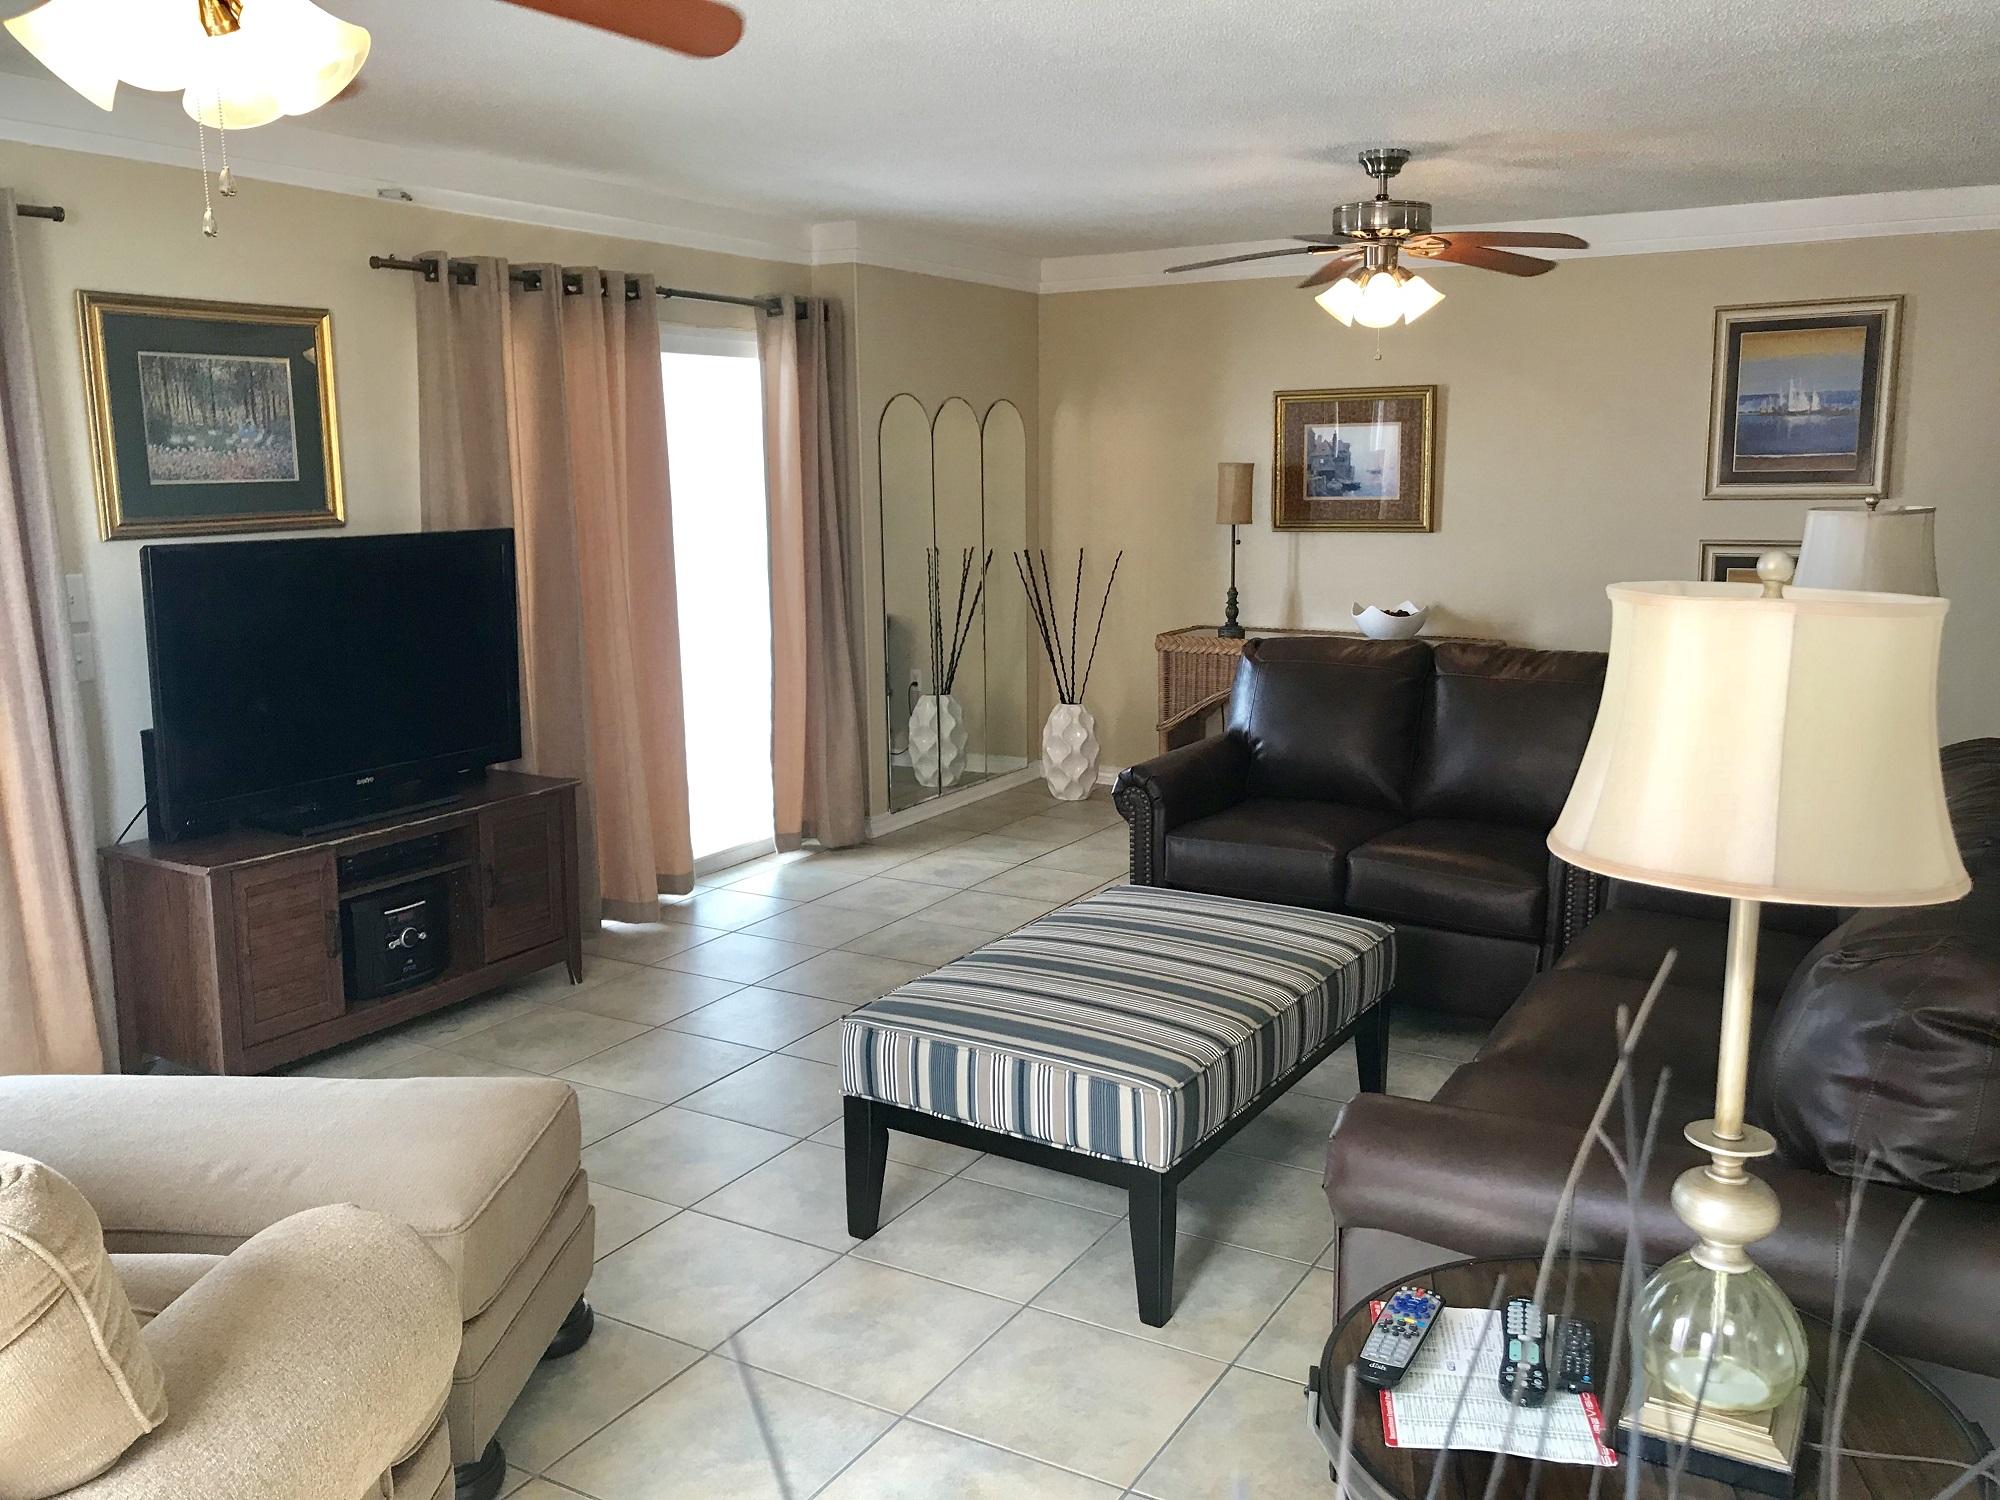 Ocean House 2701 Condo rental in Ocean House - Gulf Shores in Gulf Shores Alabama - #3